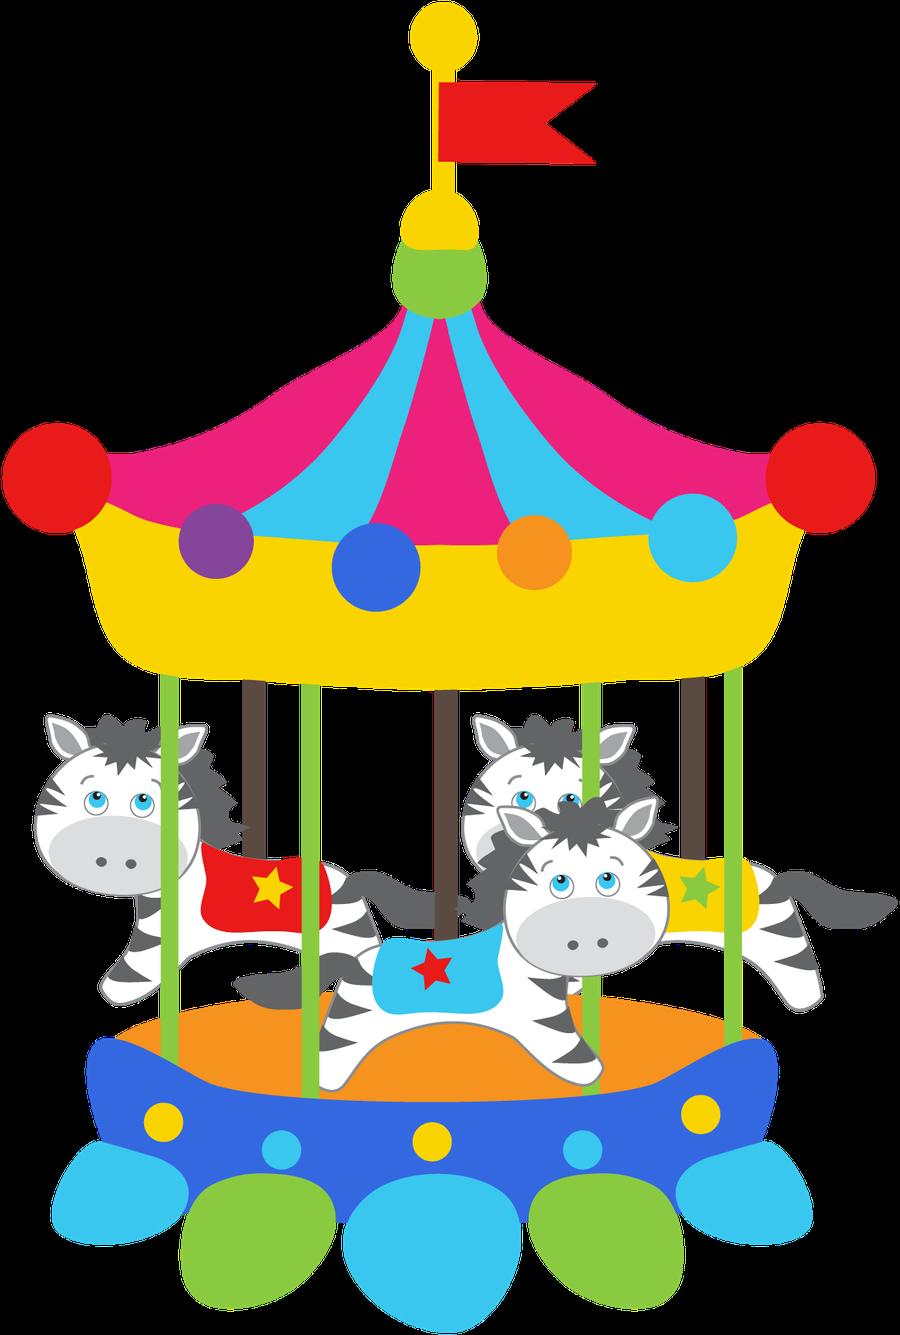 https://s-media-cache-ak0.pinimg.com/originals/45/5c/c1/455cc13b134c4ee053e2f425e606a562.png Circus Animals Png